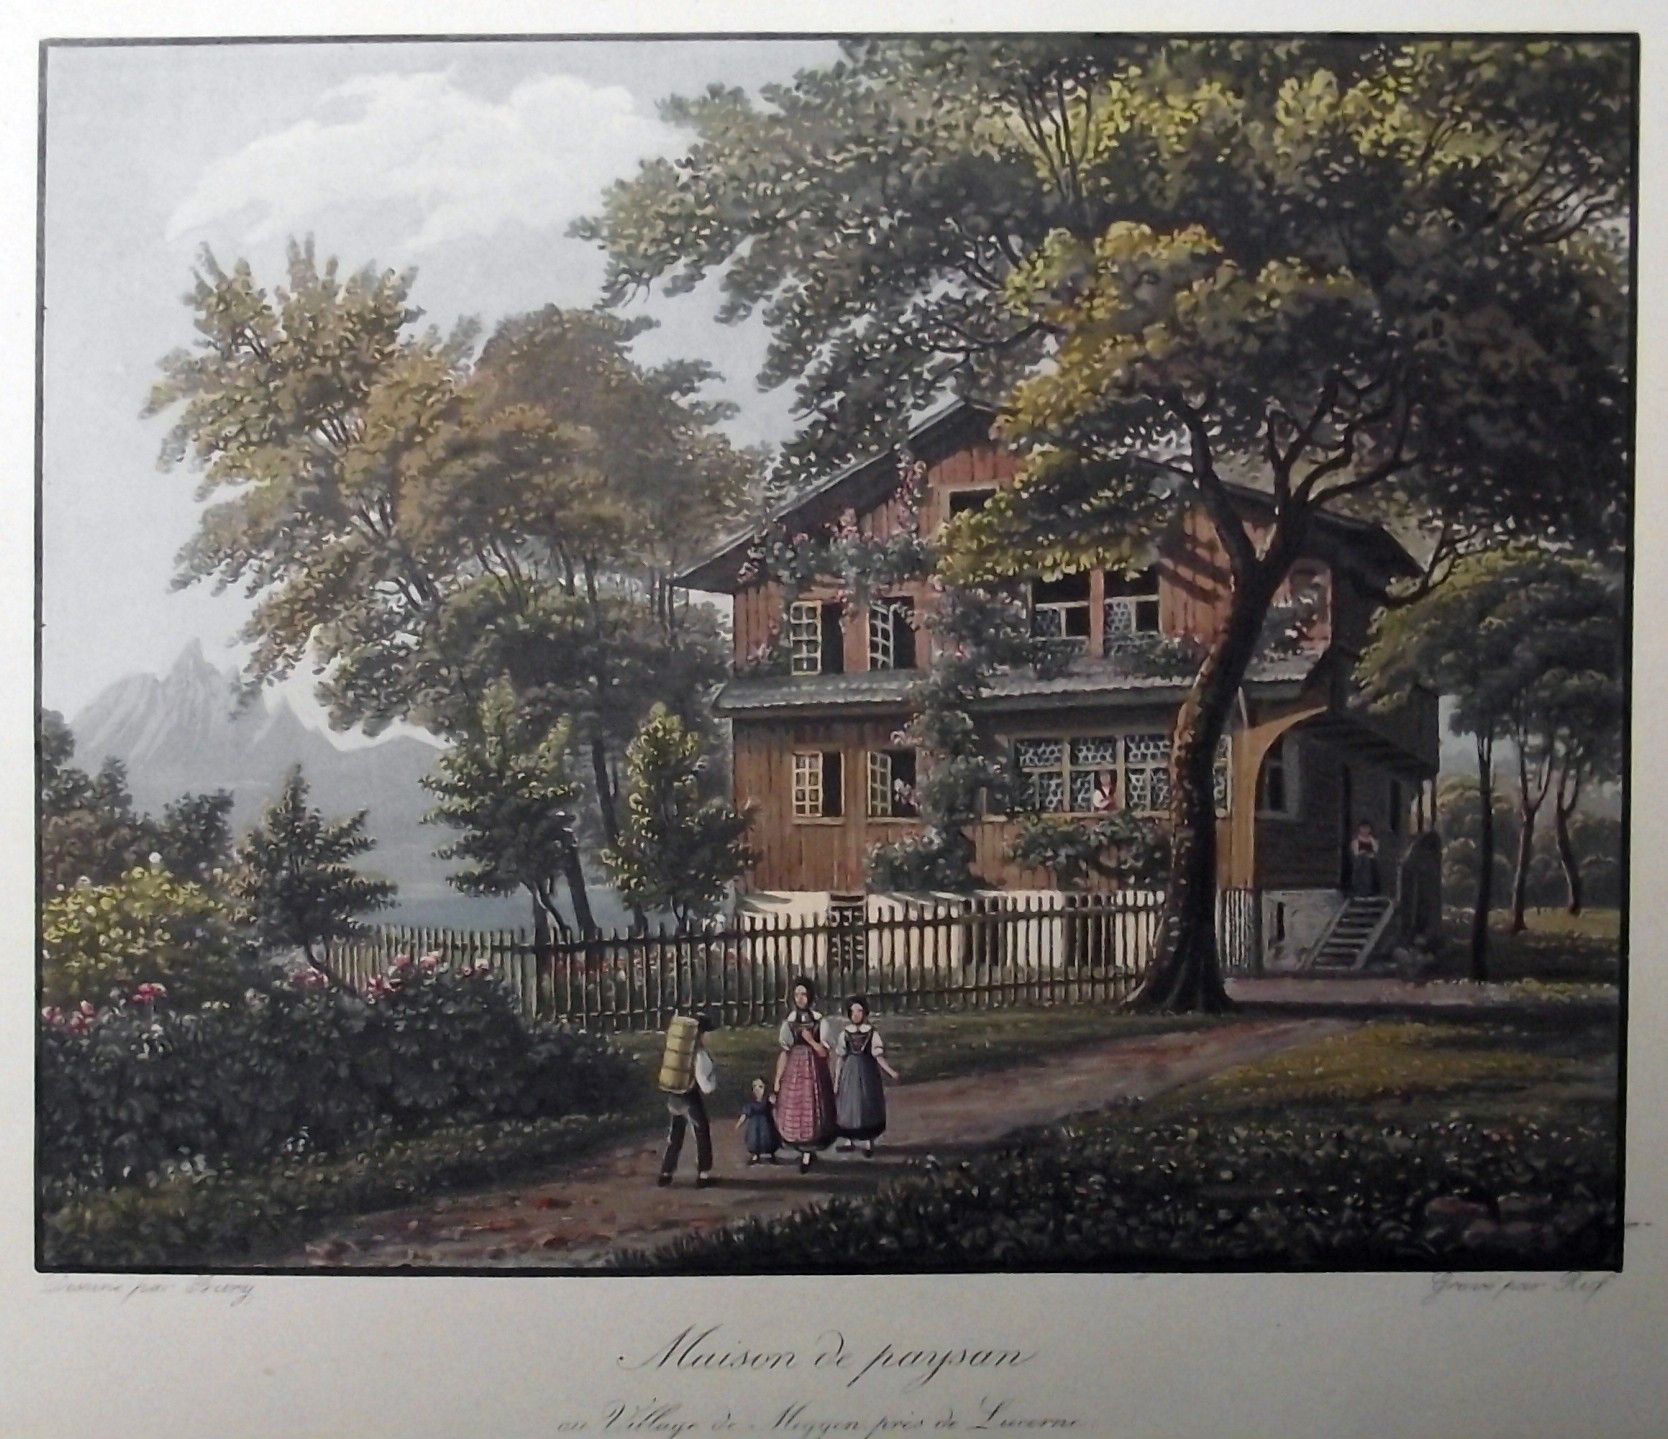 1840 VILLAGE de MEGGEN pres de LUCERNE - Ruf nach Burg gr. kol. Aquatinta